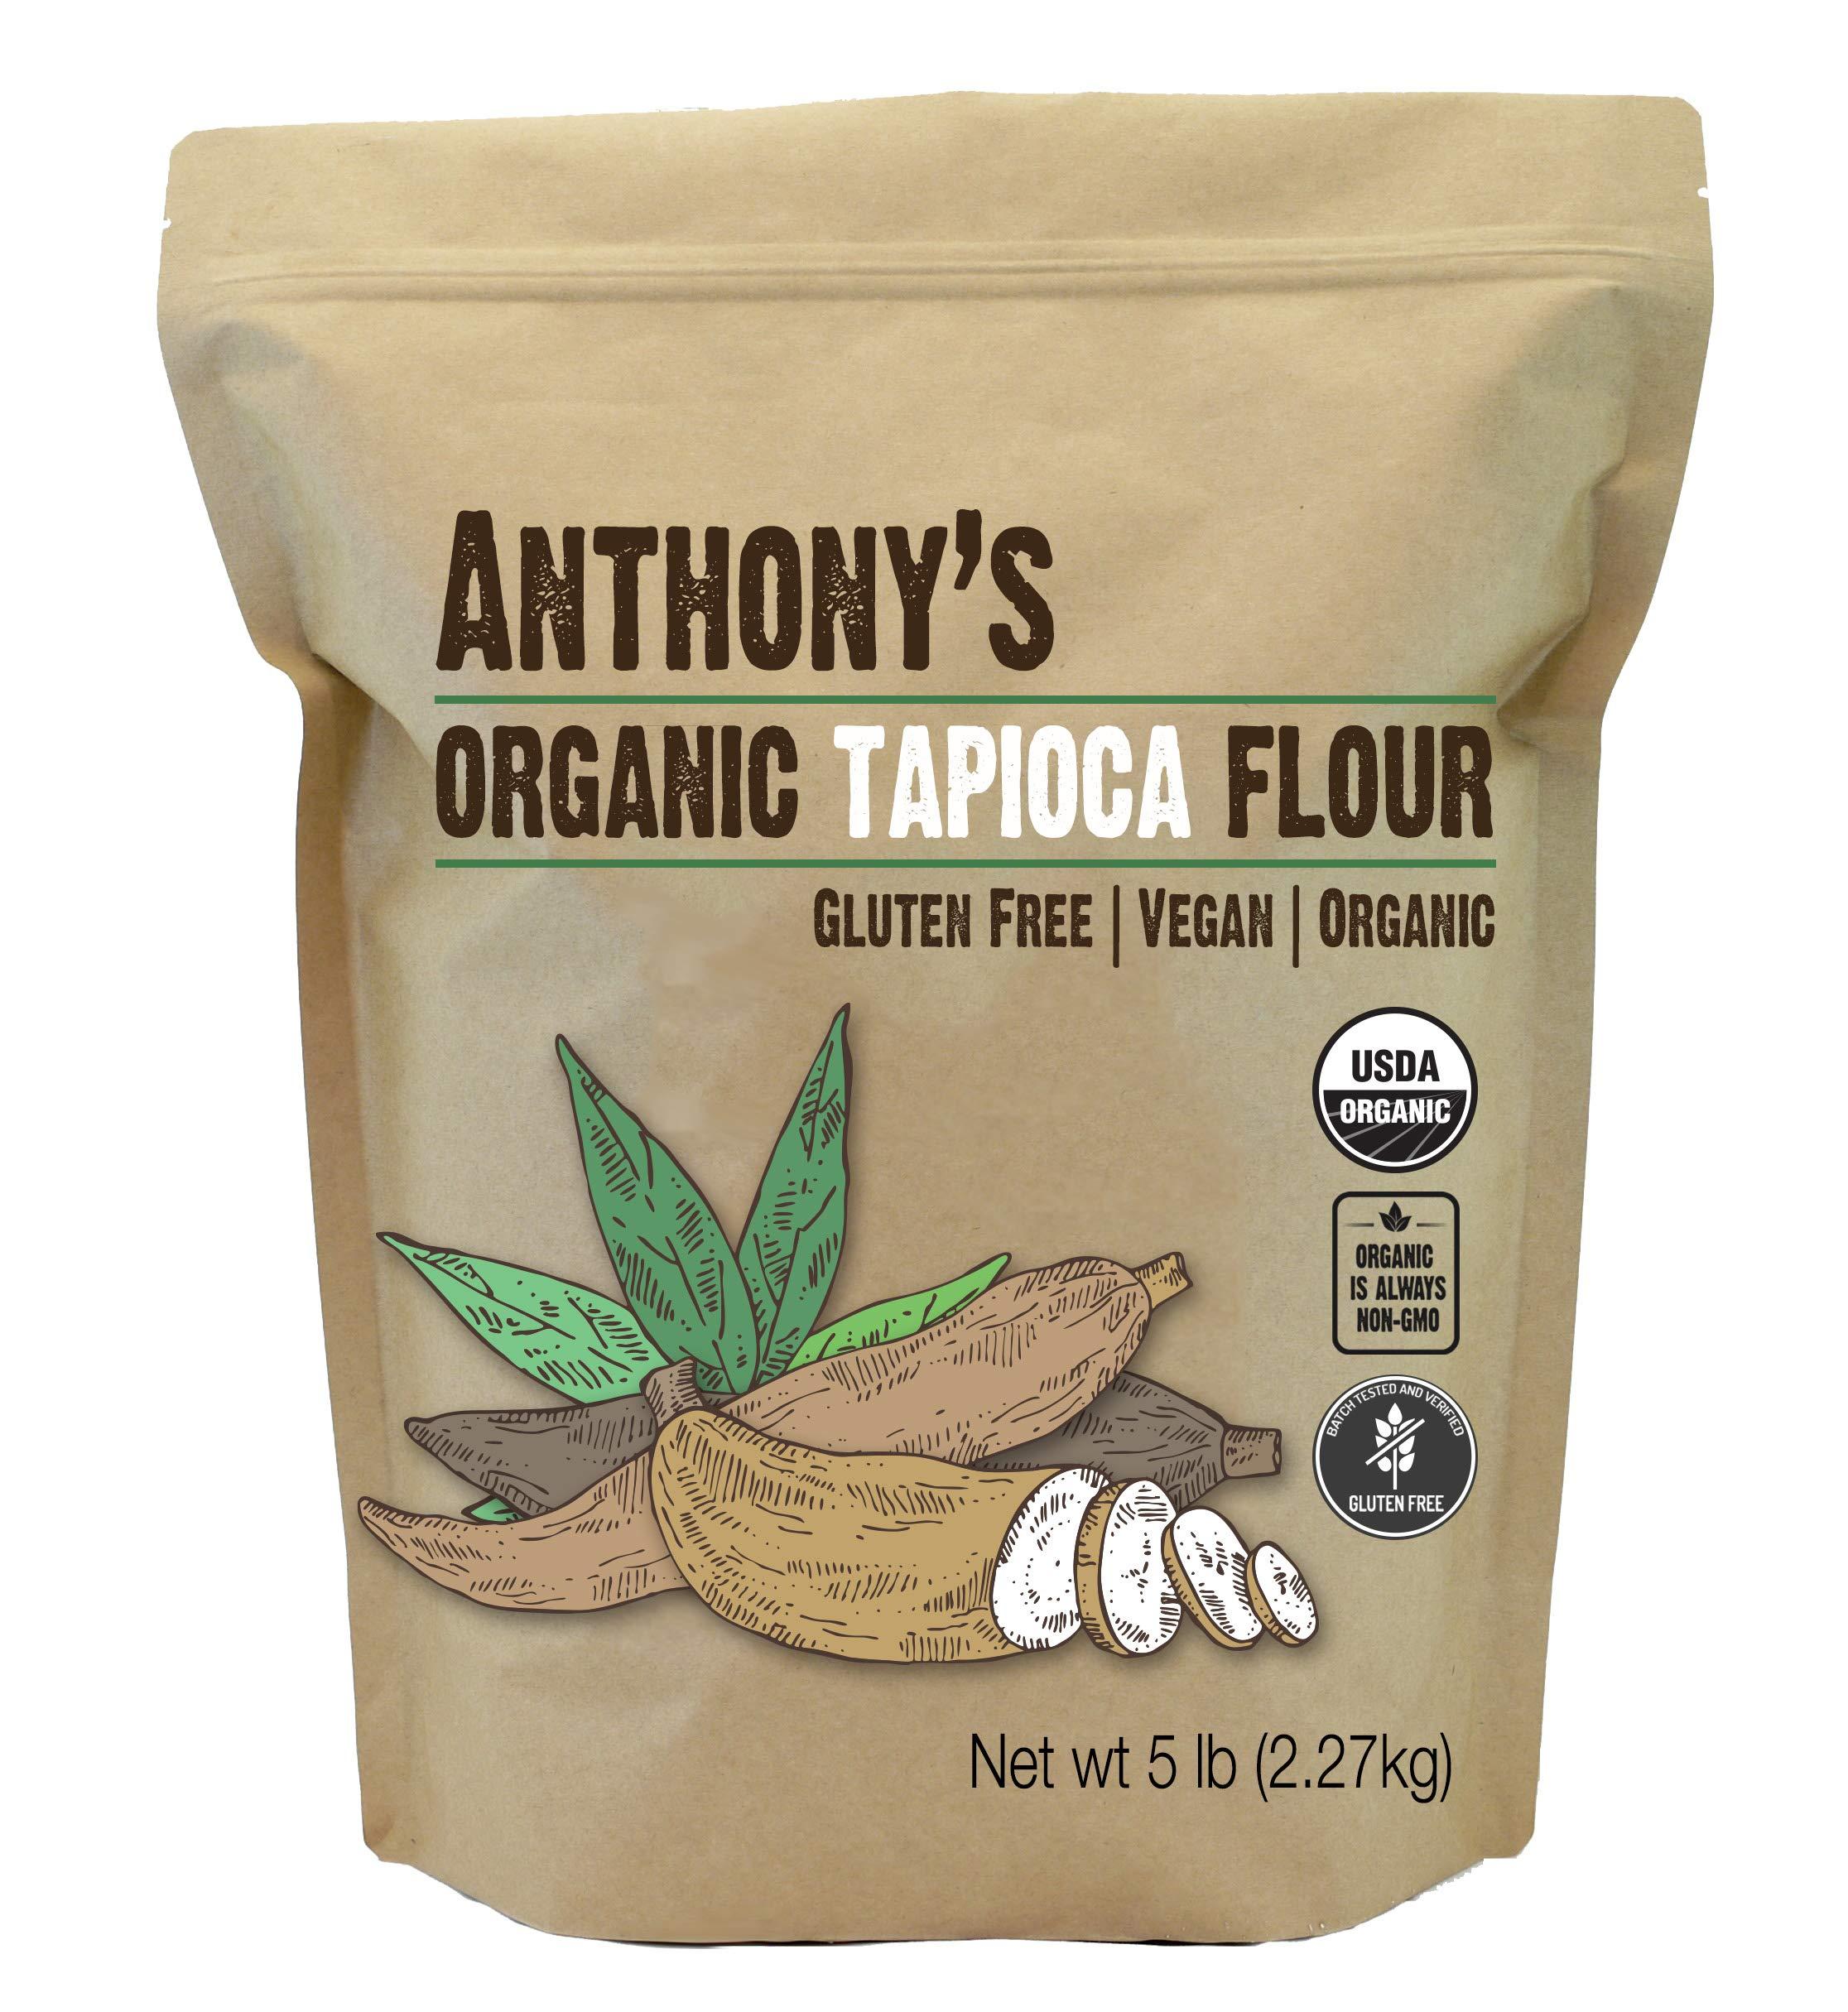 Anthony's Organic Tapioca Flour Starch, 5lbs, Gluten Free & Non GMO